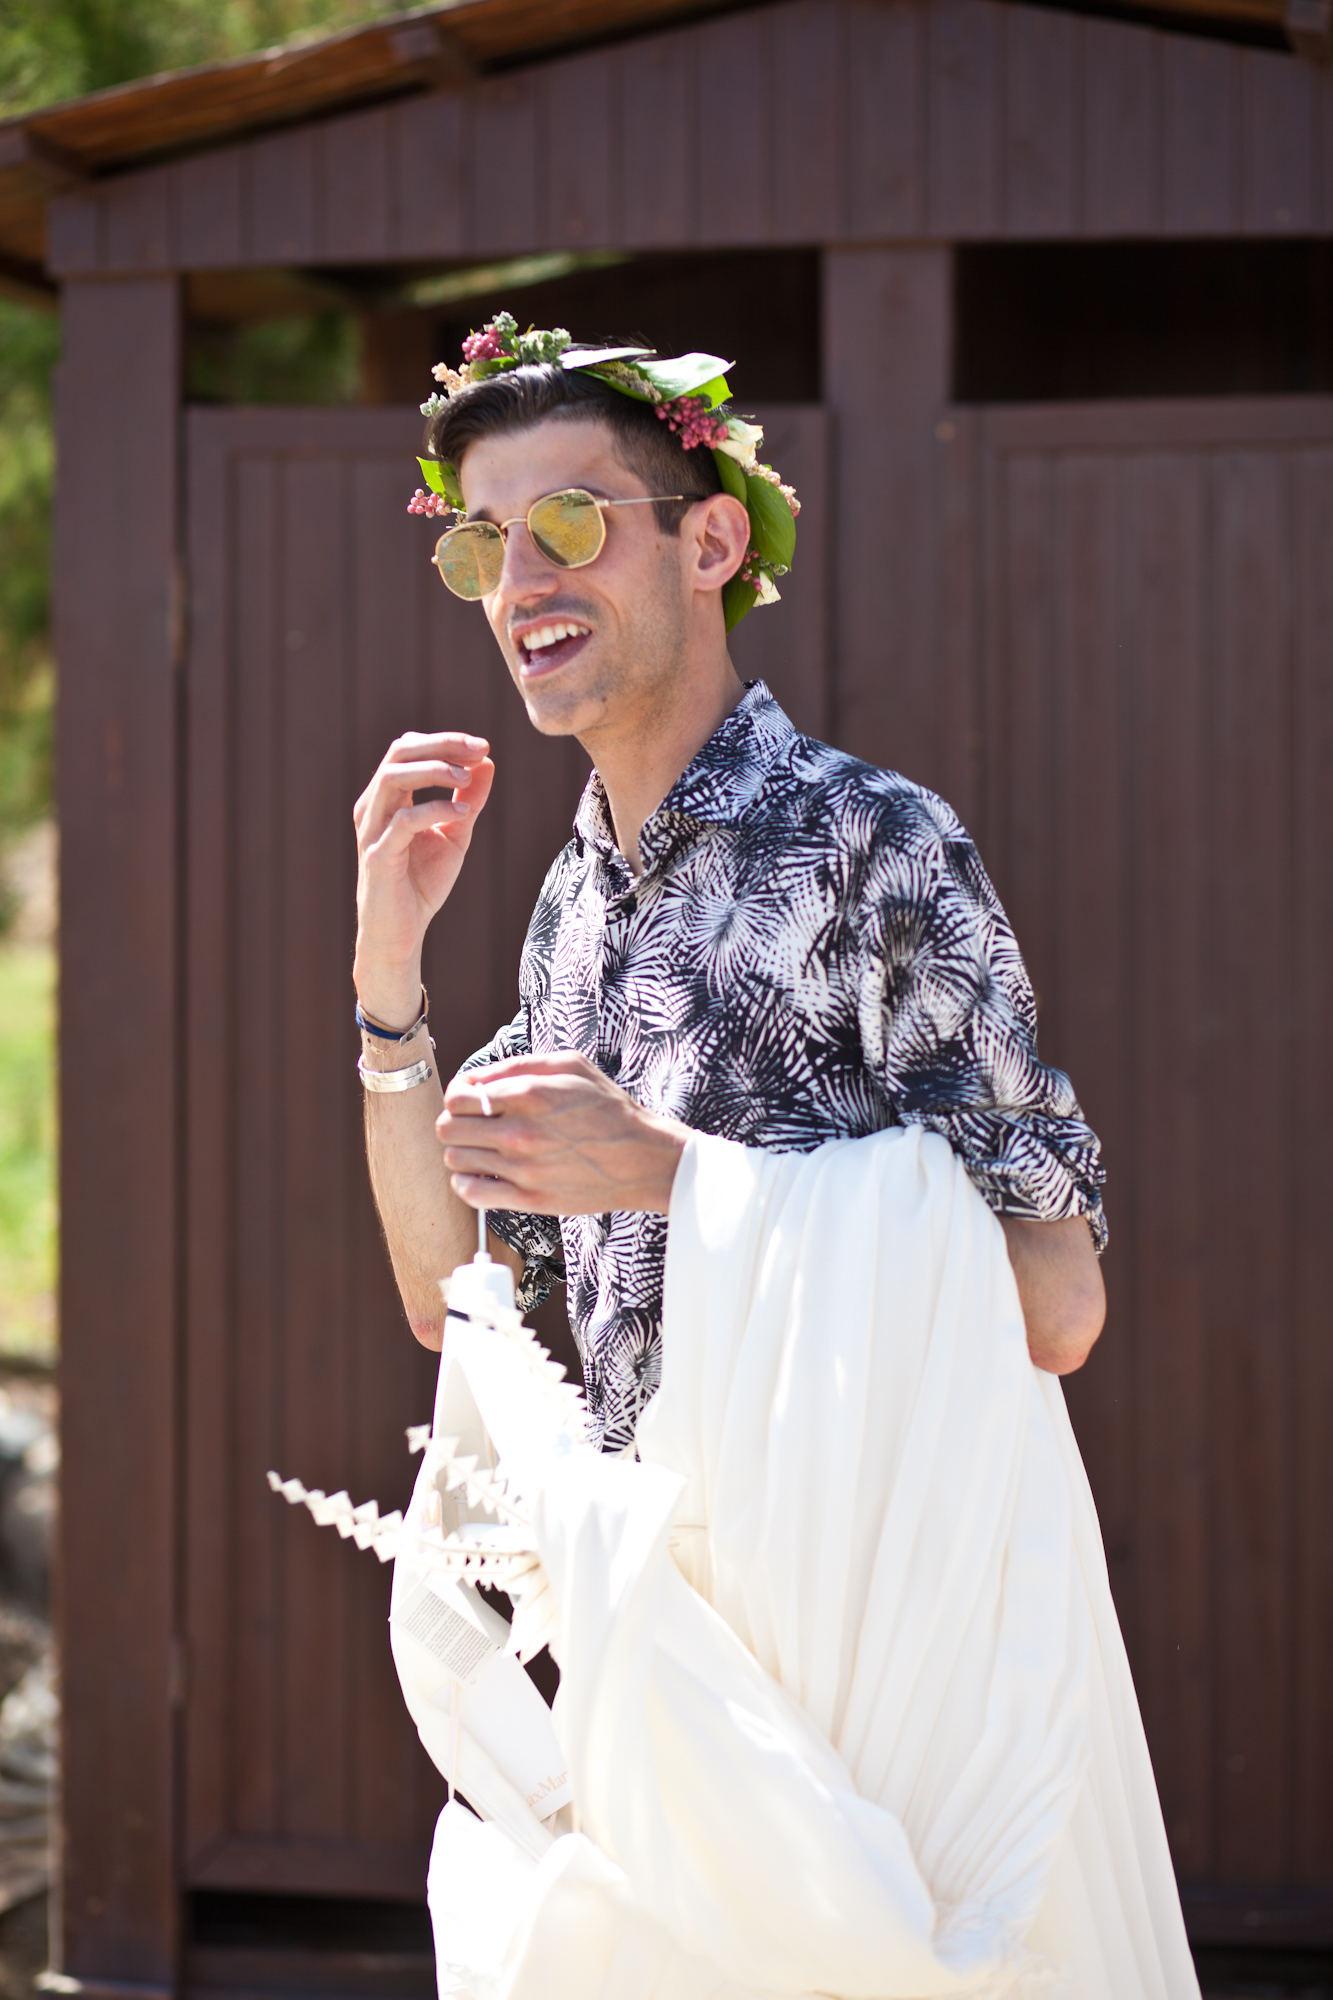 Ο fashion director μας Σπύρος Σαββίνος, no comment παρακαλούμε!